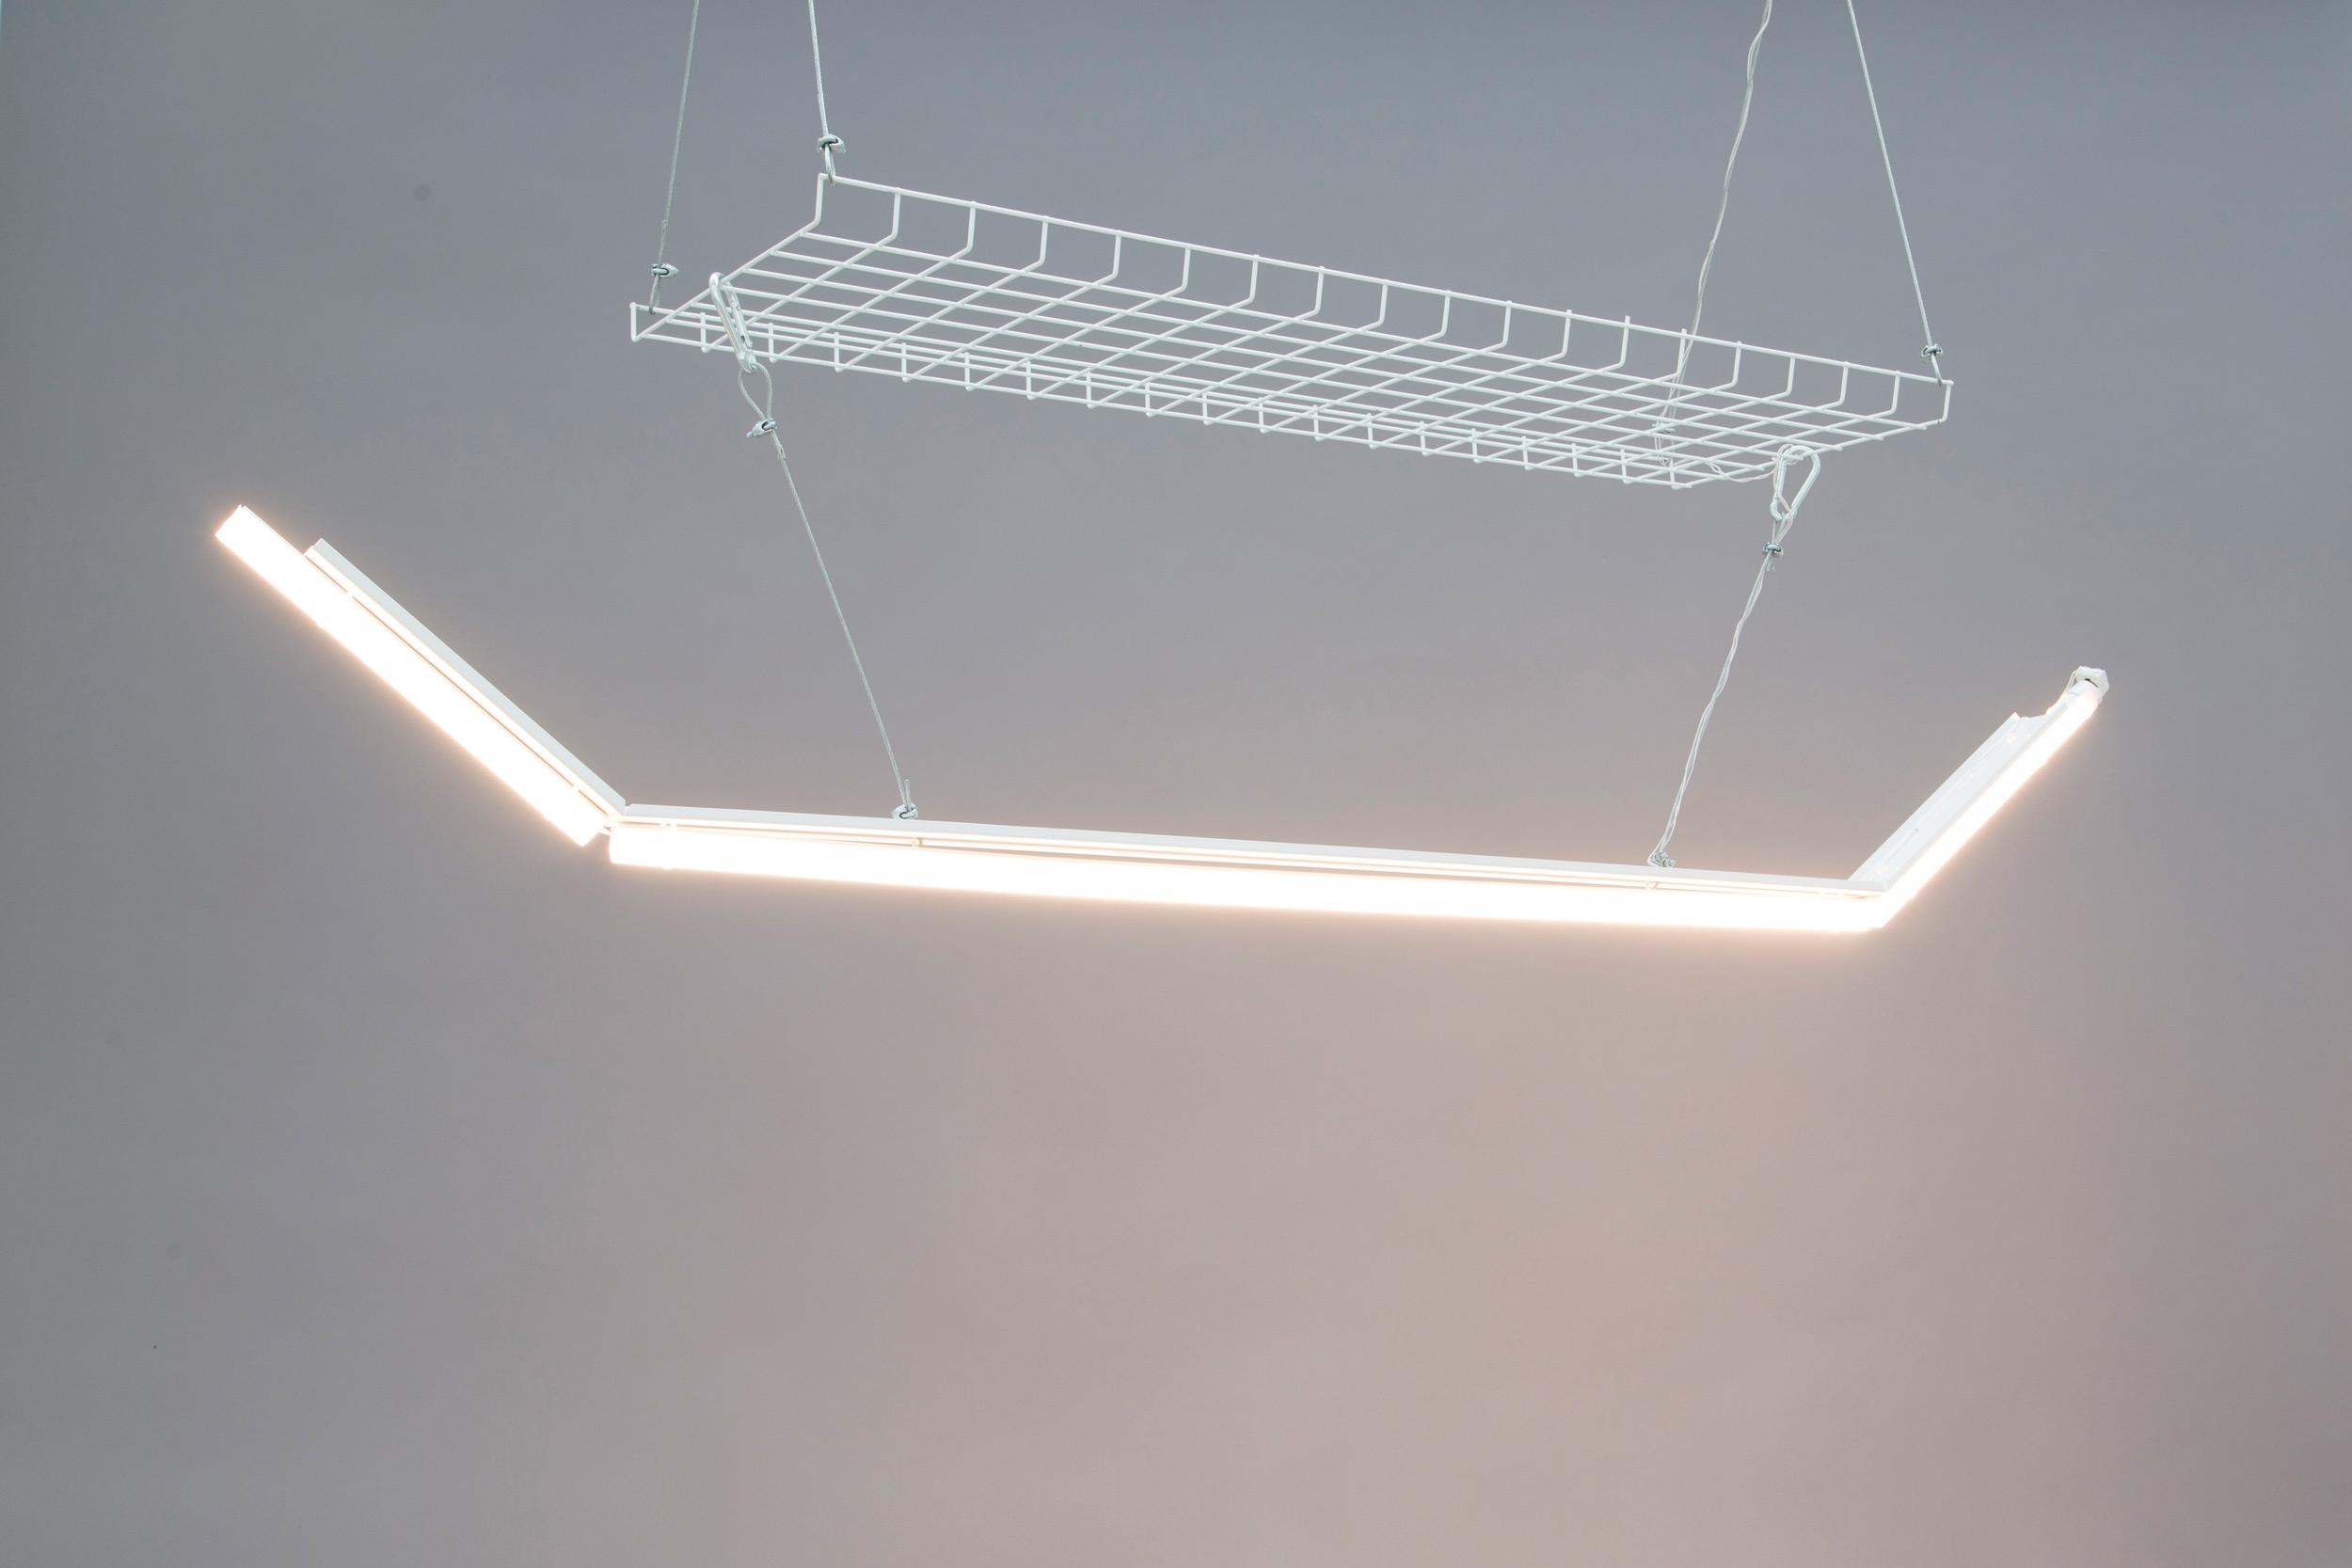 09-megaman-lighting-for-learning_2500.jpg